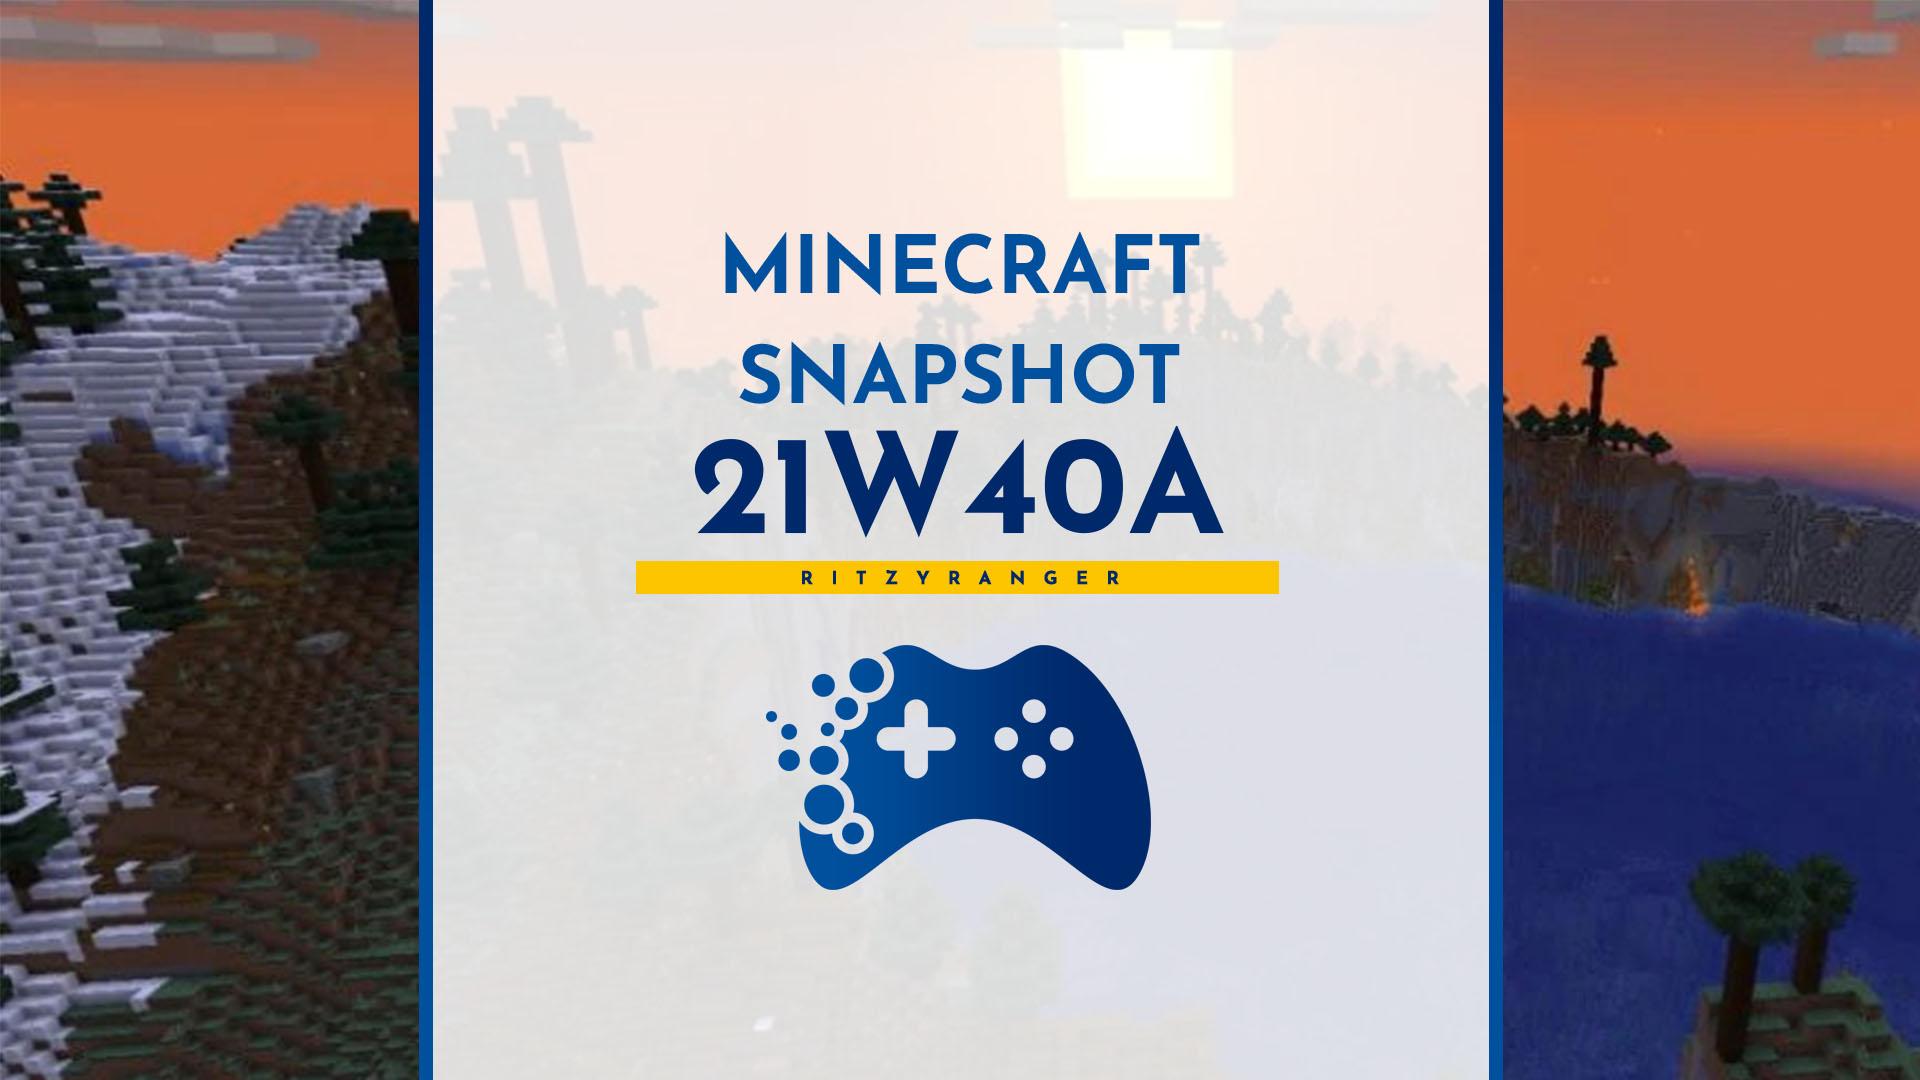 Minecraft Snapshot 21W40A lista zmian